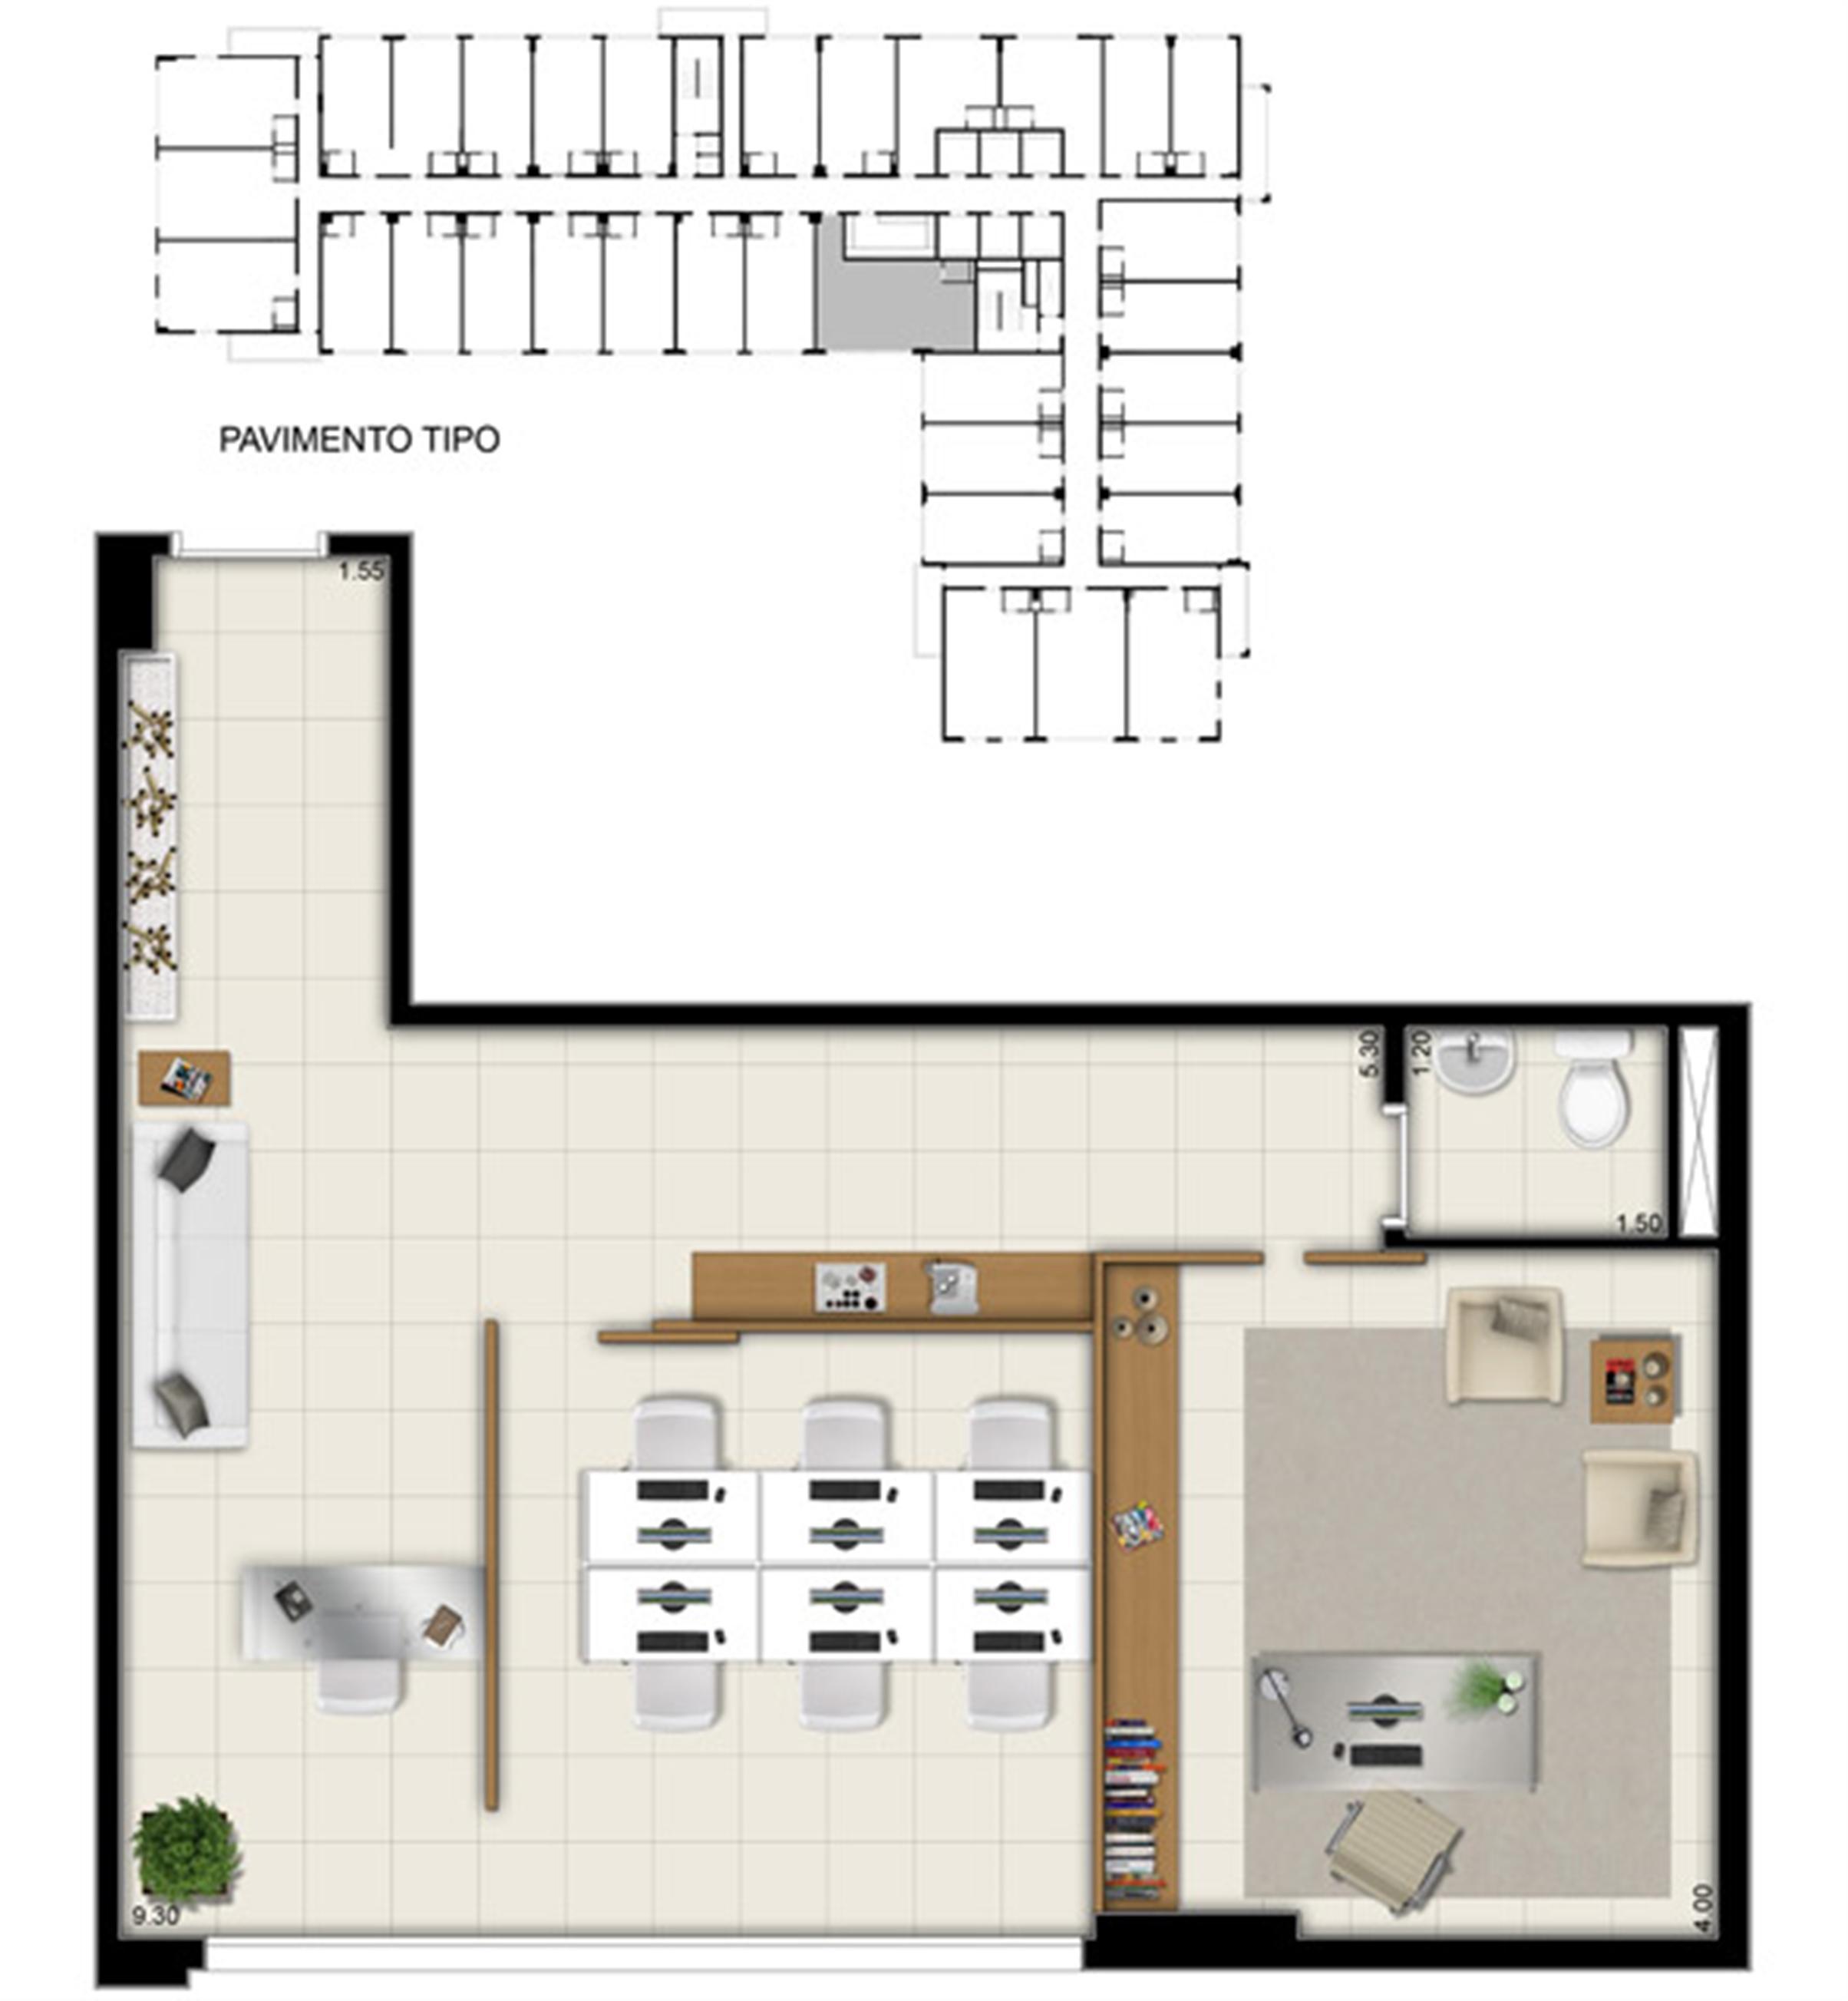 Planta da sala comercial de 58 m² | Pátio Jardins – Salas Comerciais em  Altos do Calhau - São Luís - Maranhão